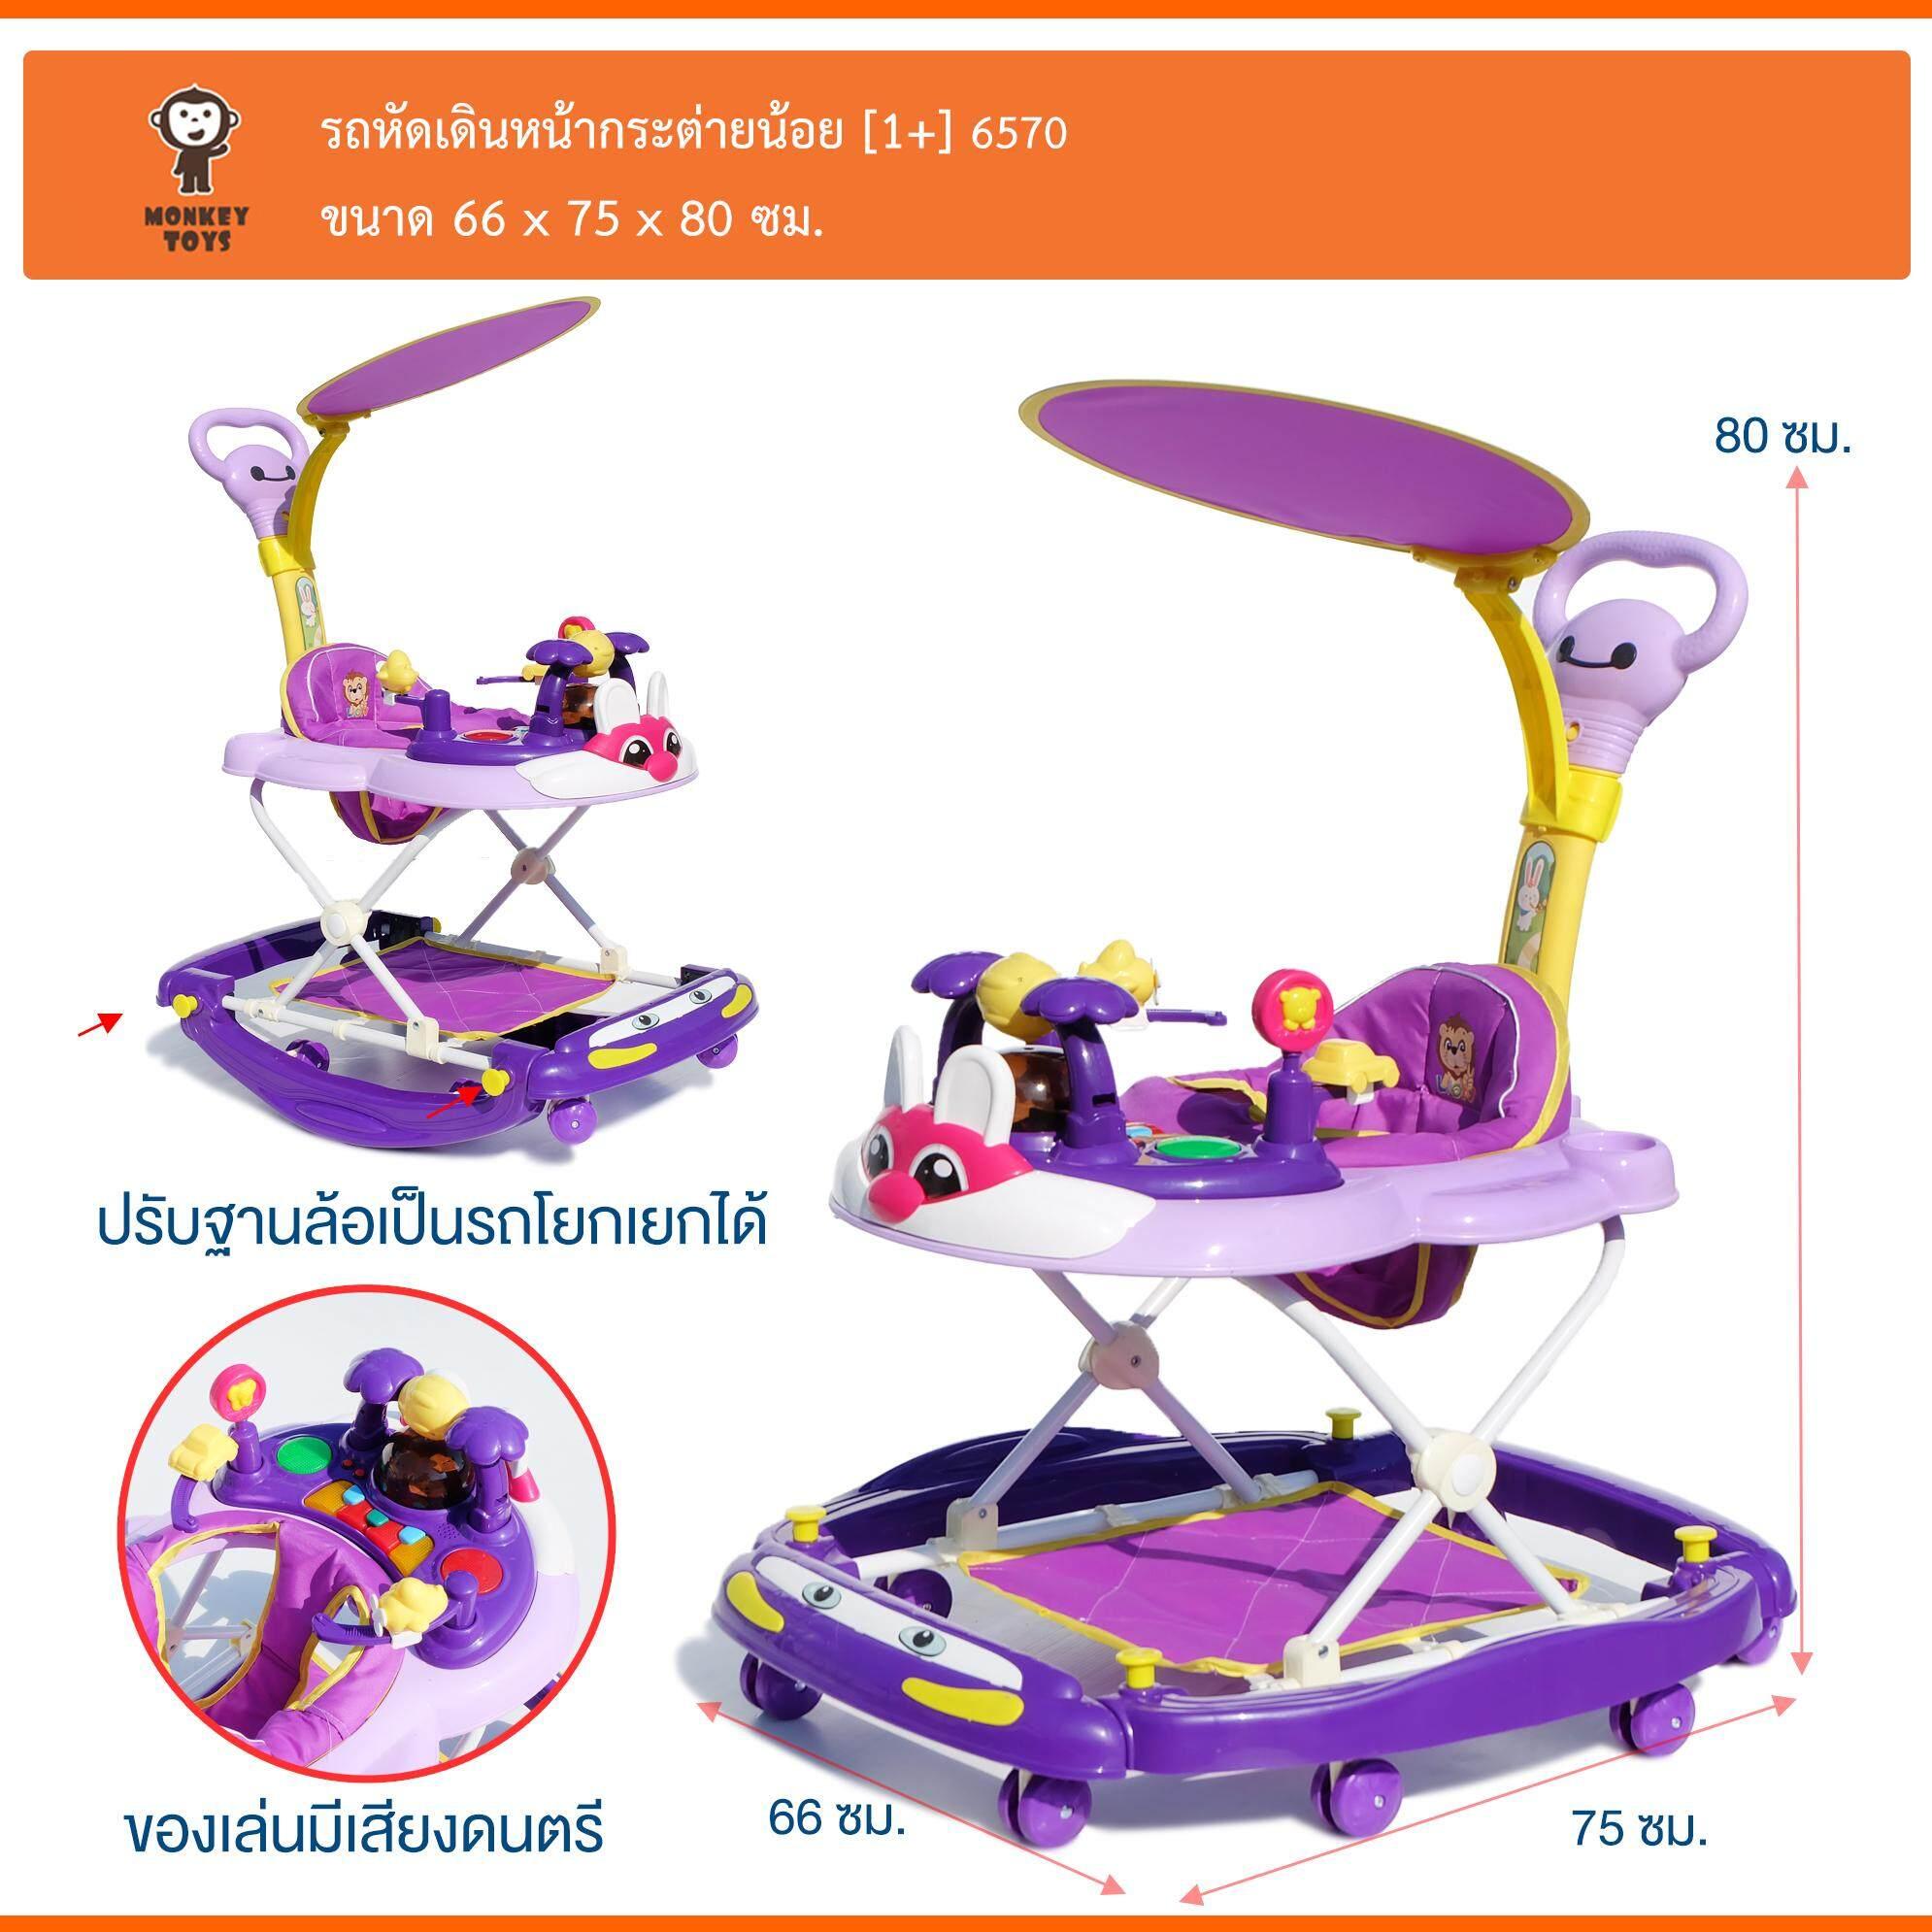 Monkey Toys รถหัดเดิน กระรอก ด้ามเข็นปรับโยก 2in1 5001 6570 ส่งฟรีkerry